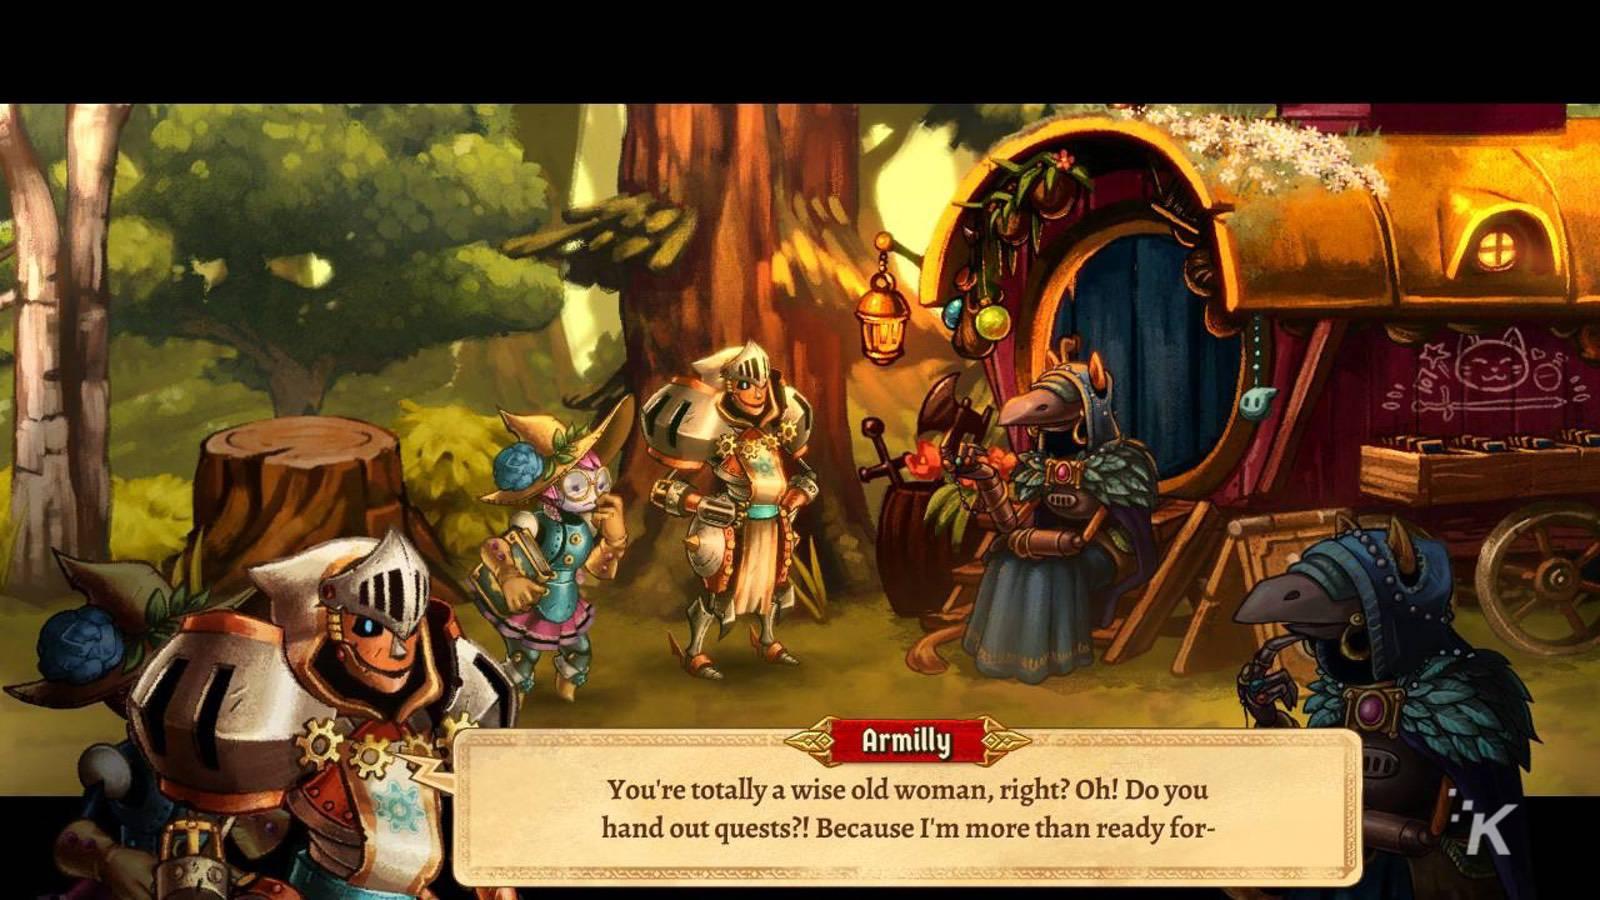 steamworld quest hand of gilgamech review